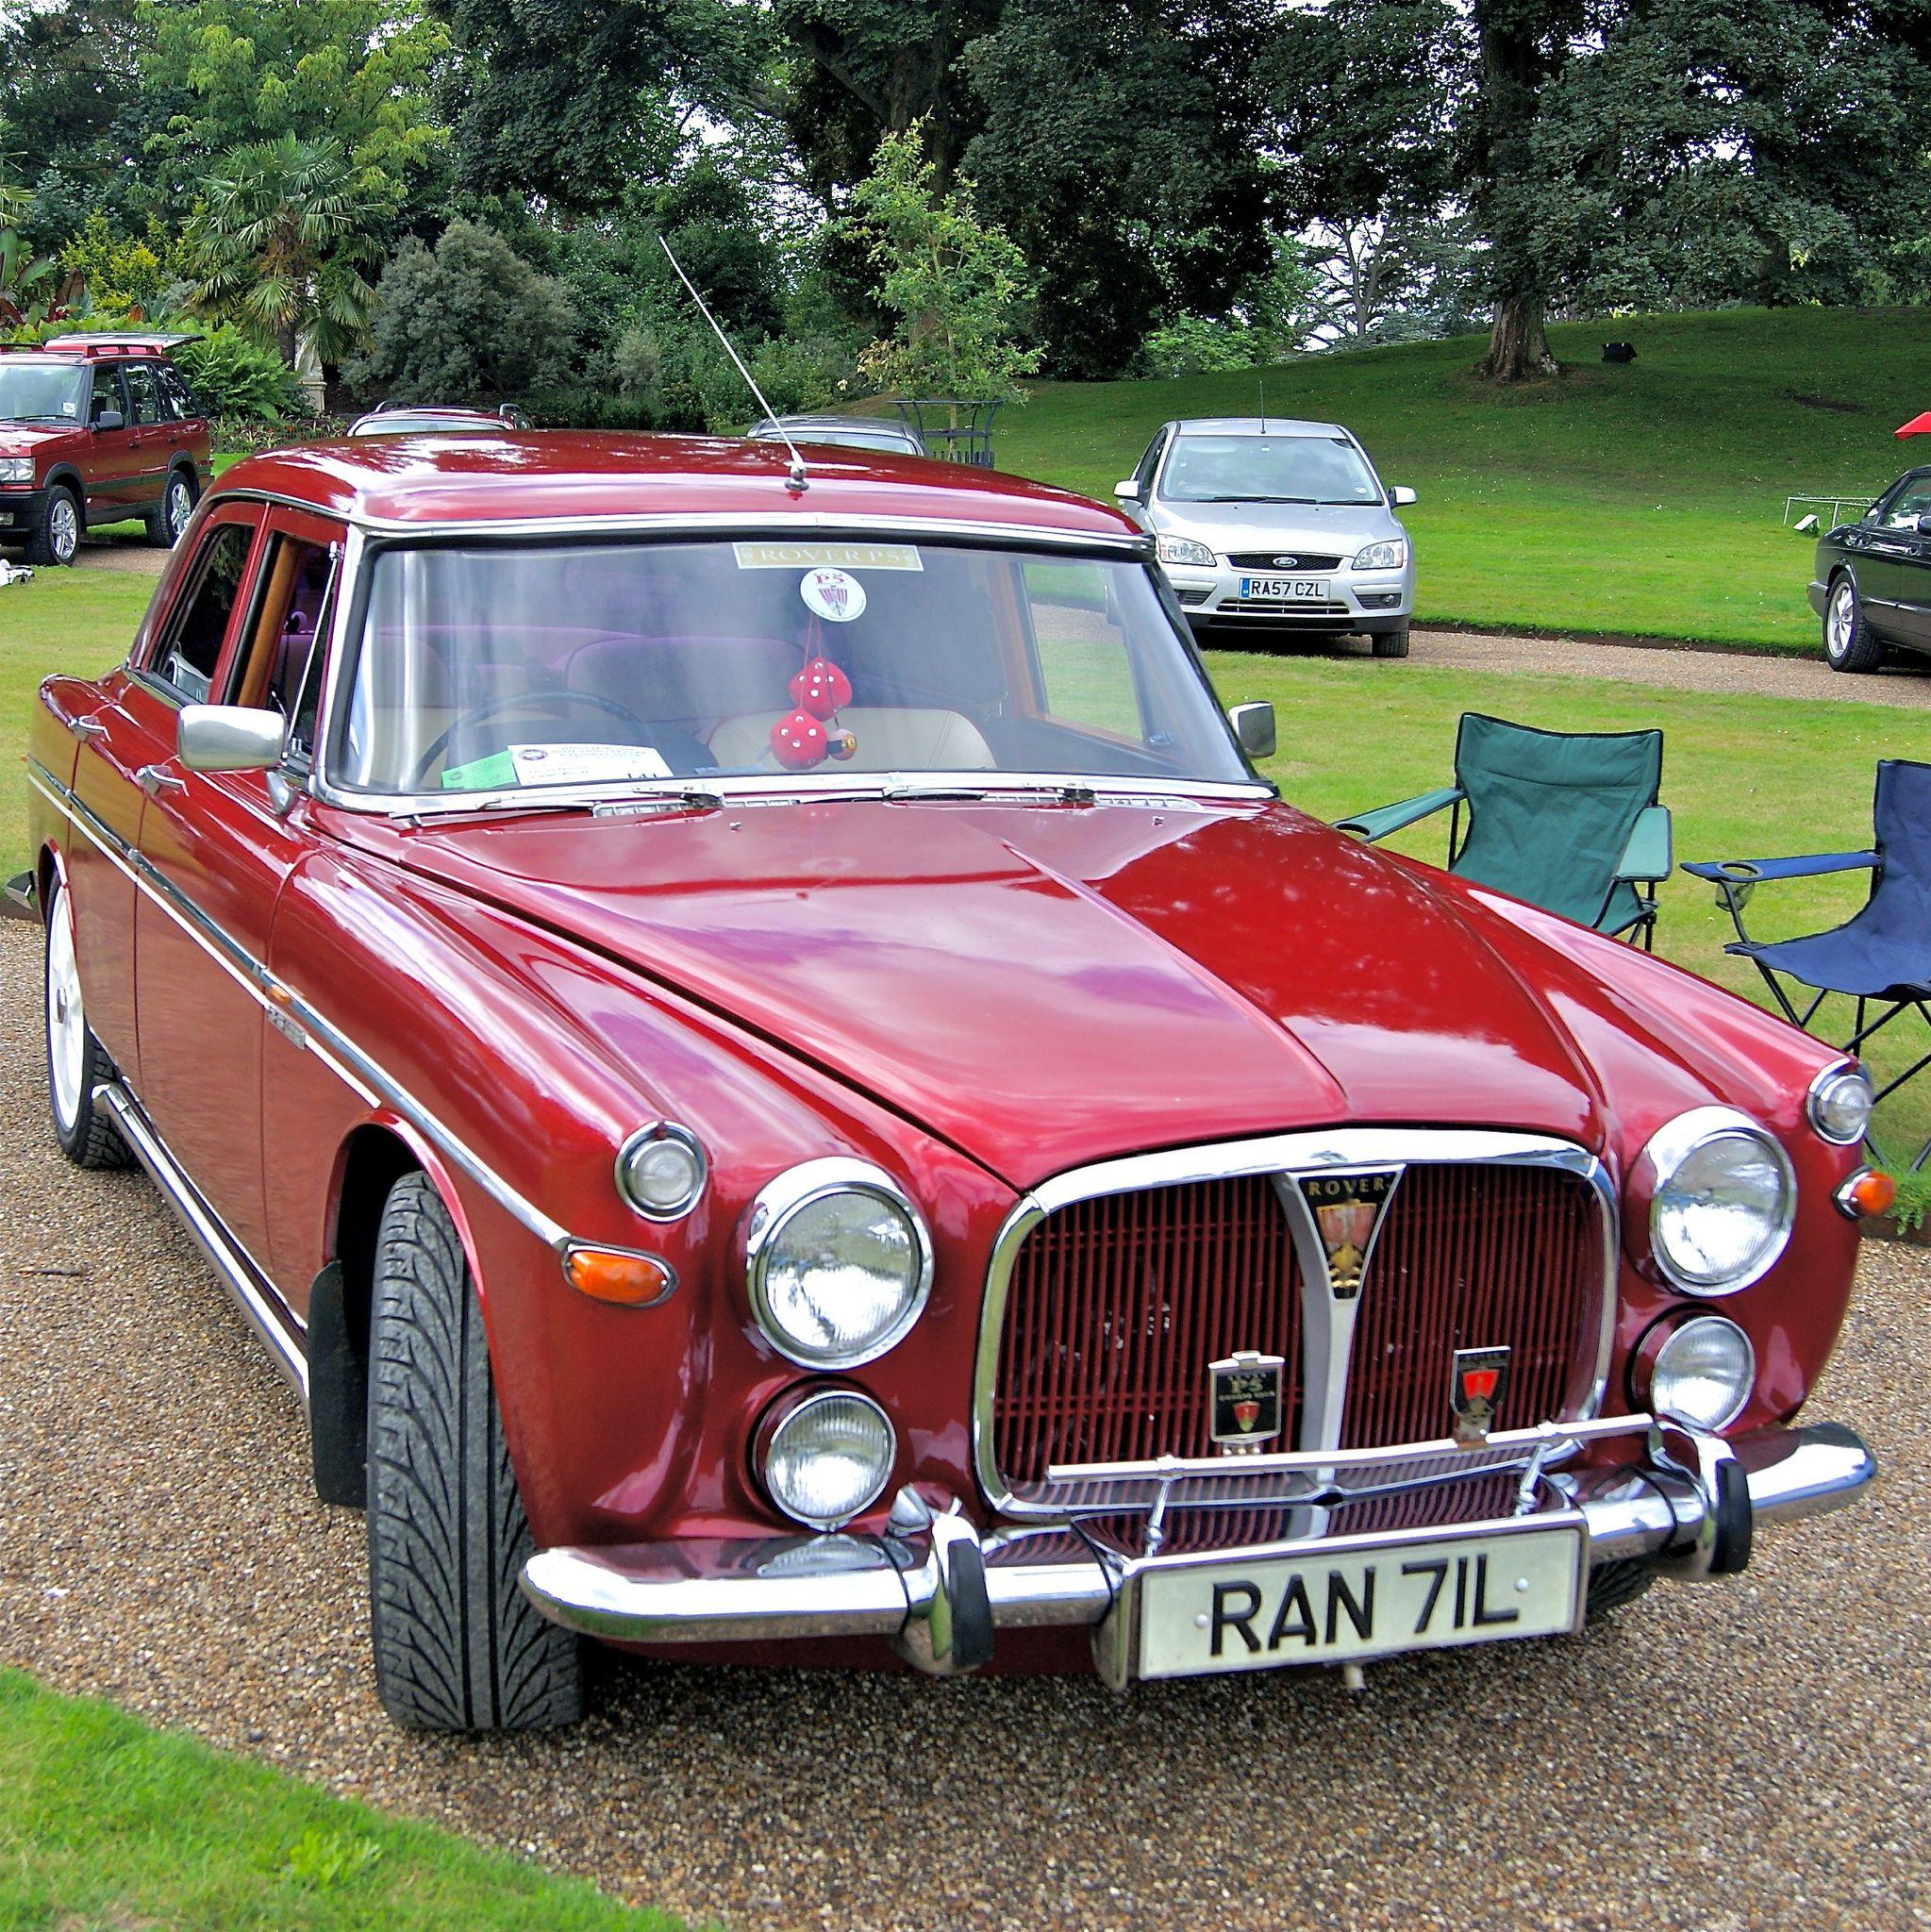 1972/73 Rover (P5) 3.5 Litre Saloon – RAN 71L